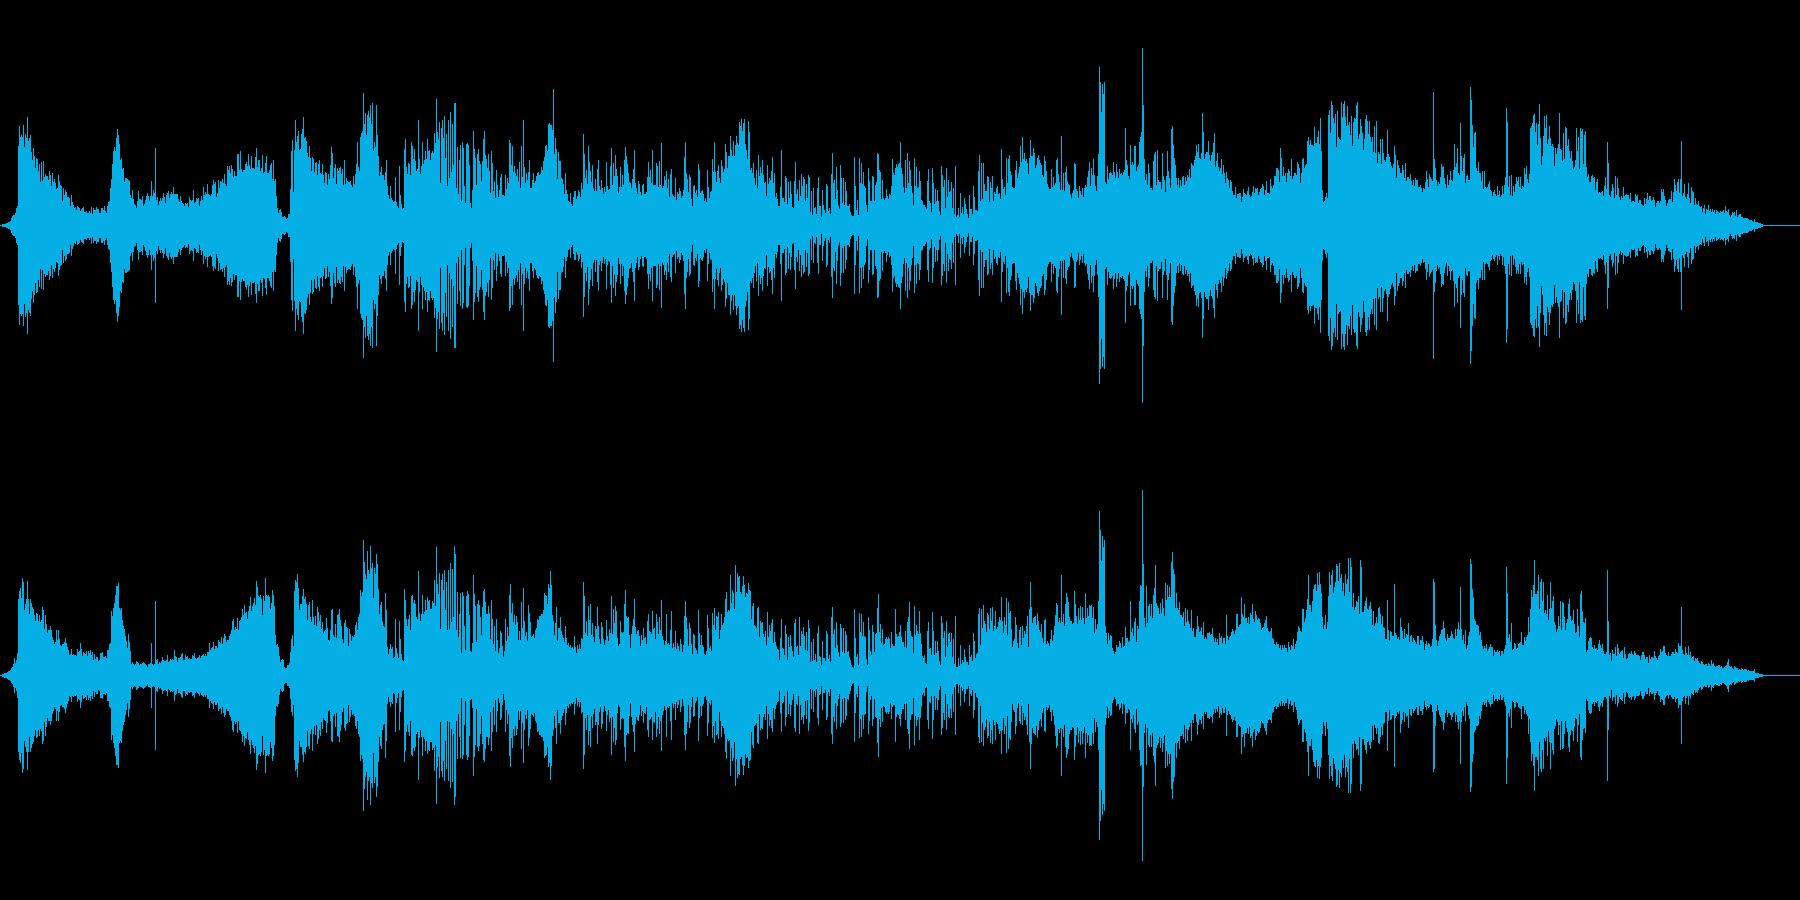 ノイジーなシネマティックトレーラーの再生済みの波形